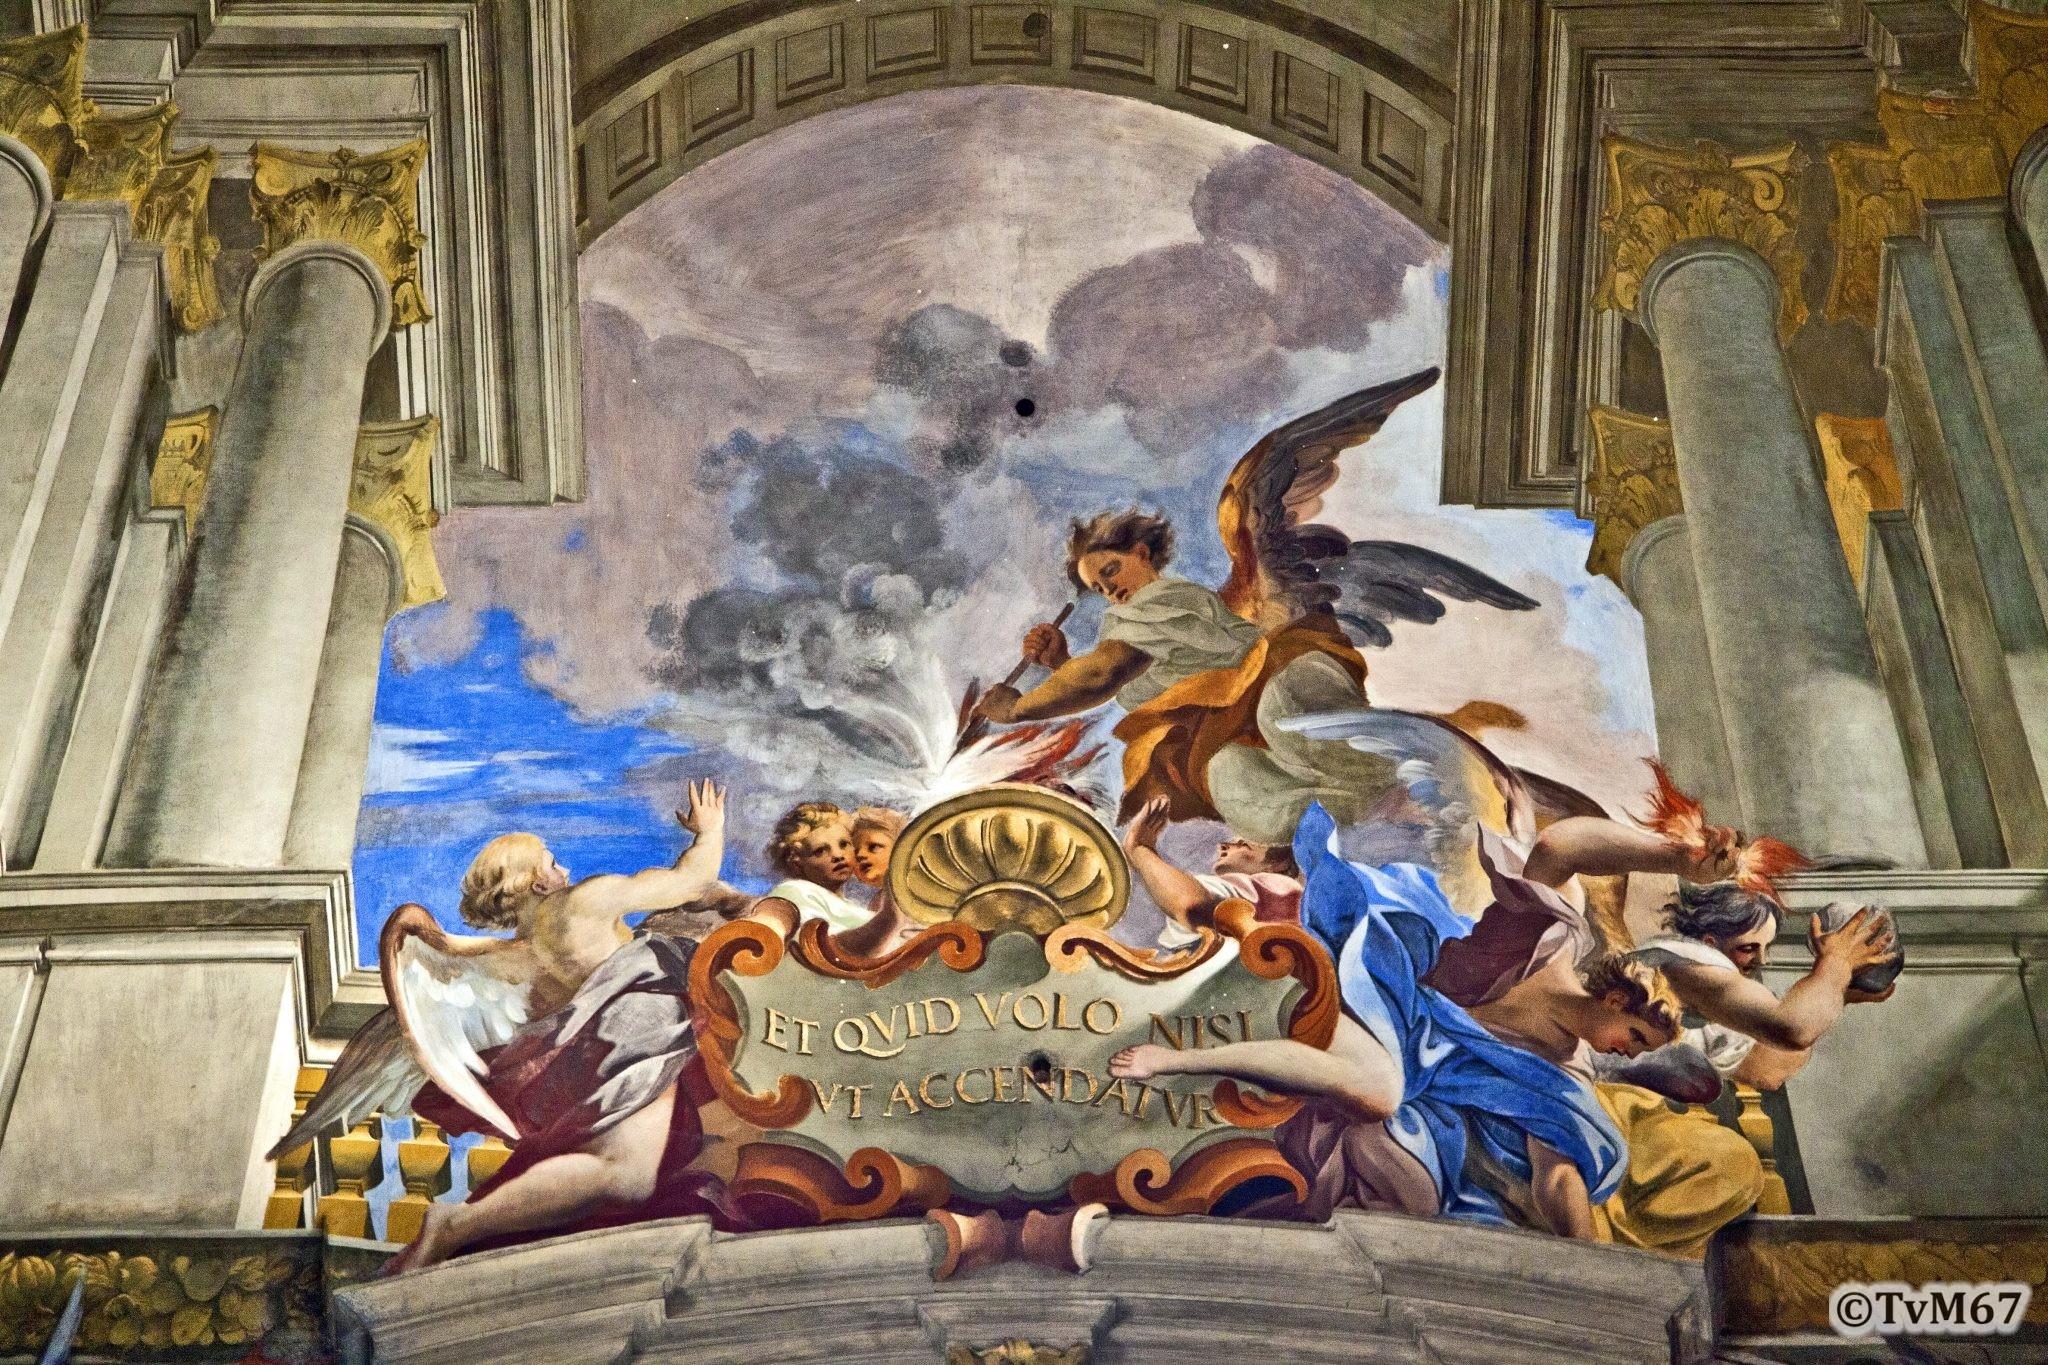 Roma, Chiesa di Sant'Ignazio, Middenschip, Pozzo, Plafond, detail 4, 2011